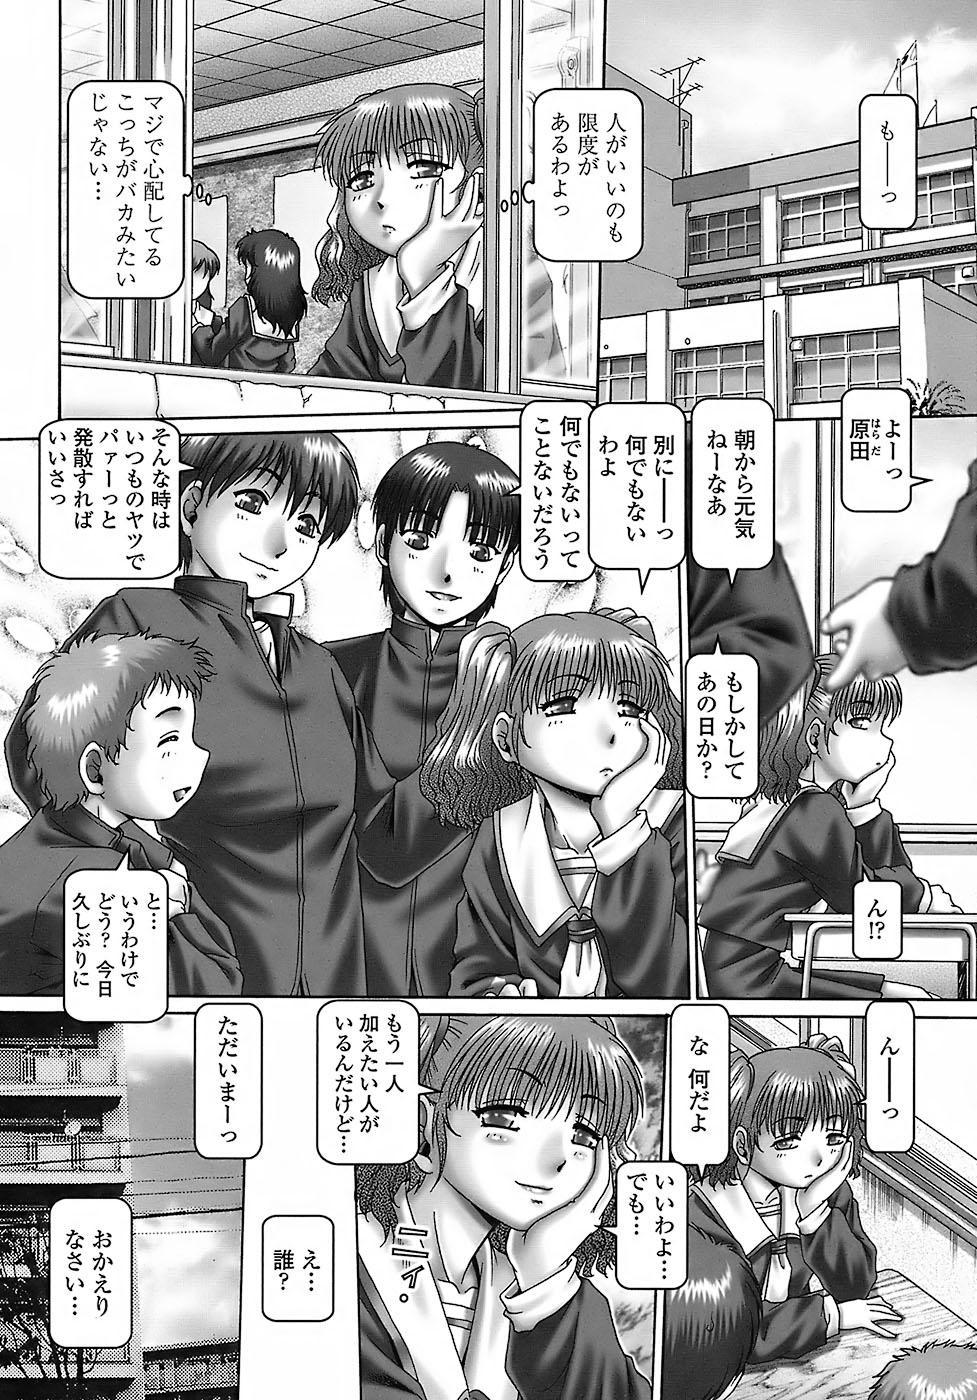 Tenshi no Shizuku 136